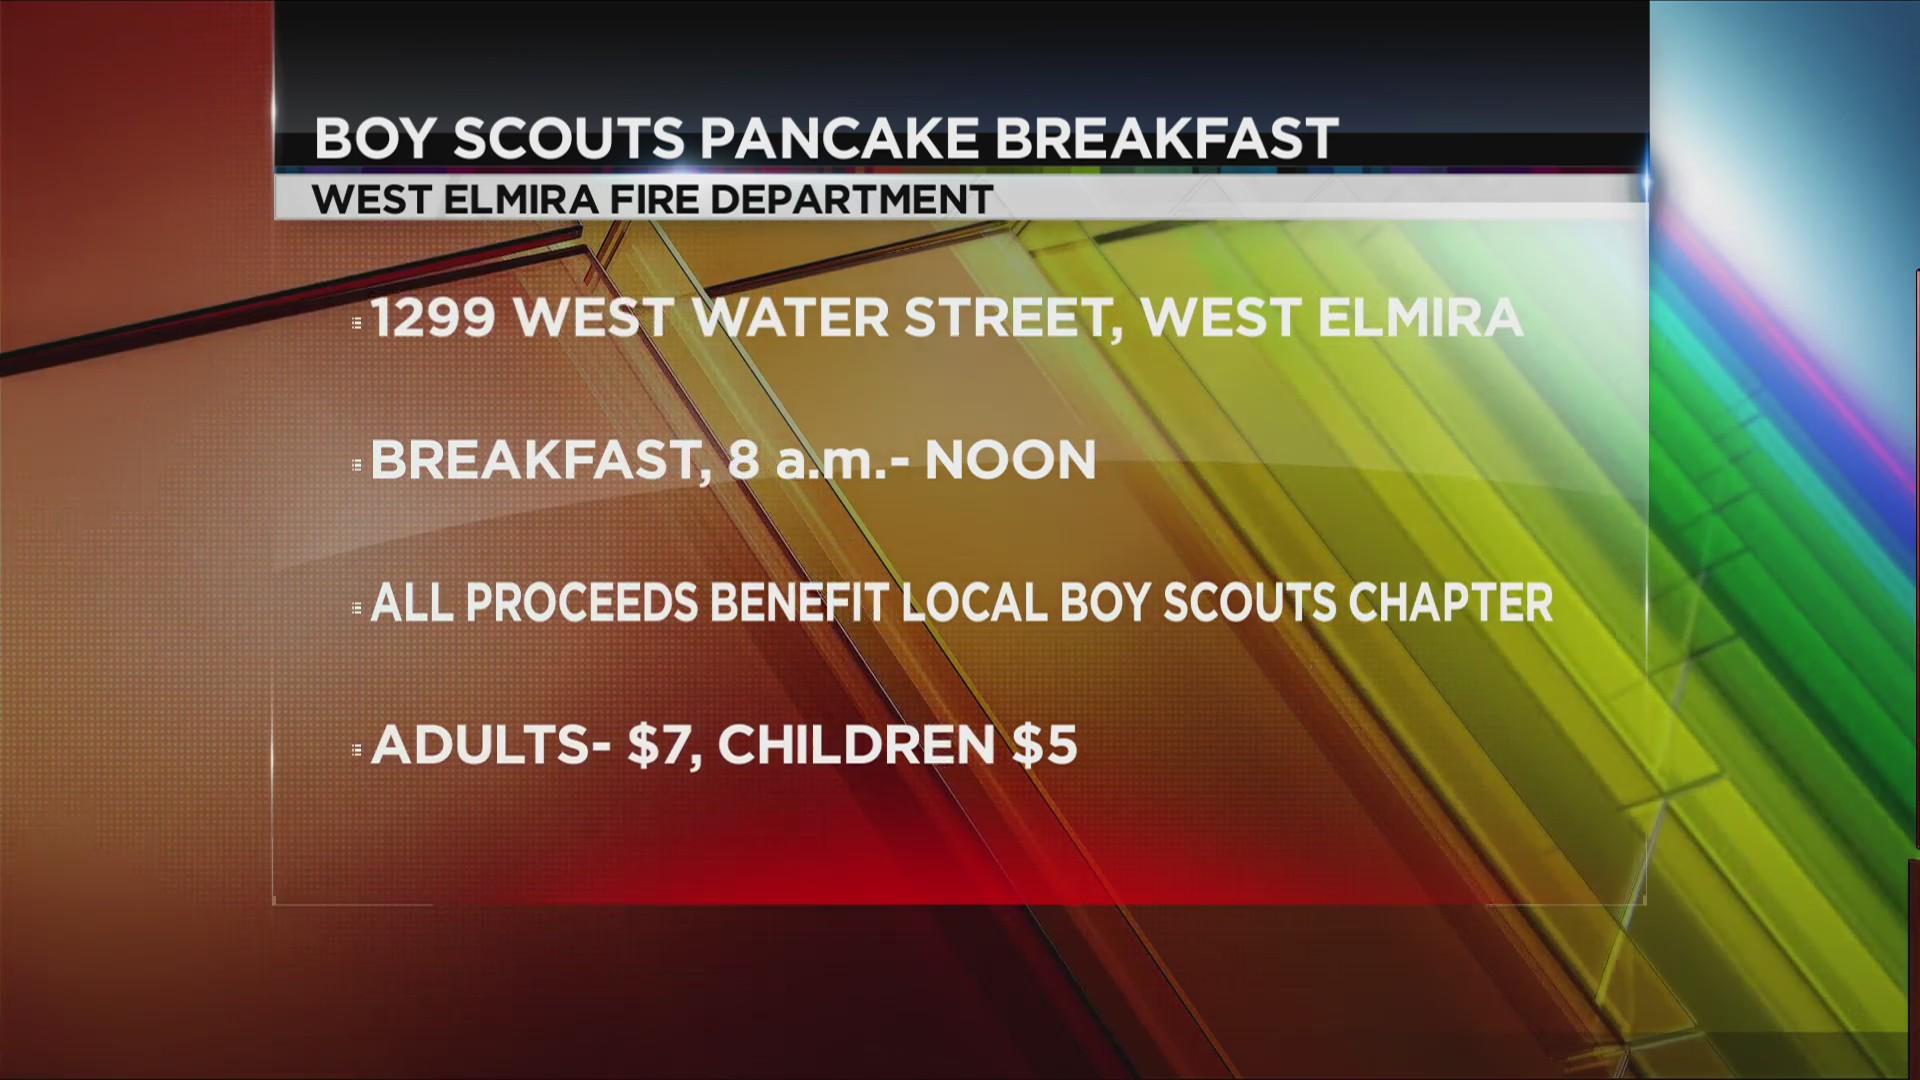 boy scouts pancake breakfast_1541912081045.jpeg.jpg